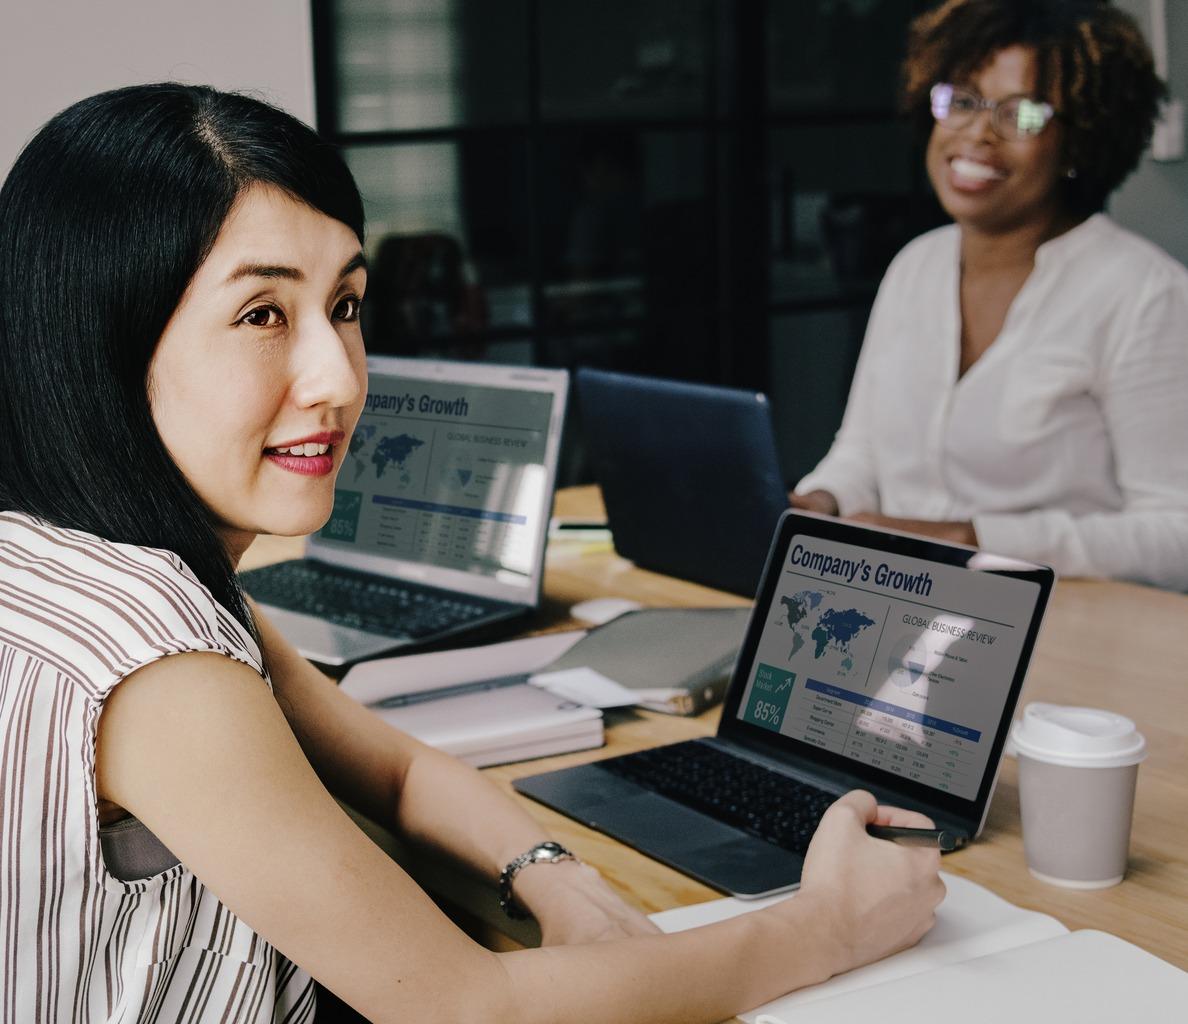 Travailler chez soi et gagner de l'argent: comment faire?